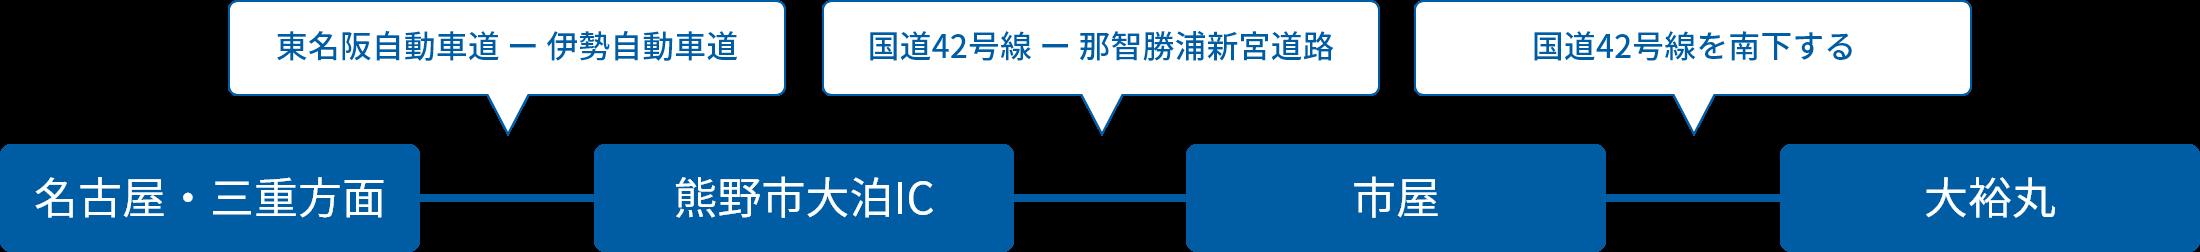 名古屋・三重方面からの車でのアクセス方法